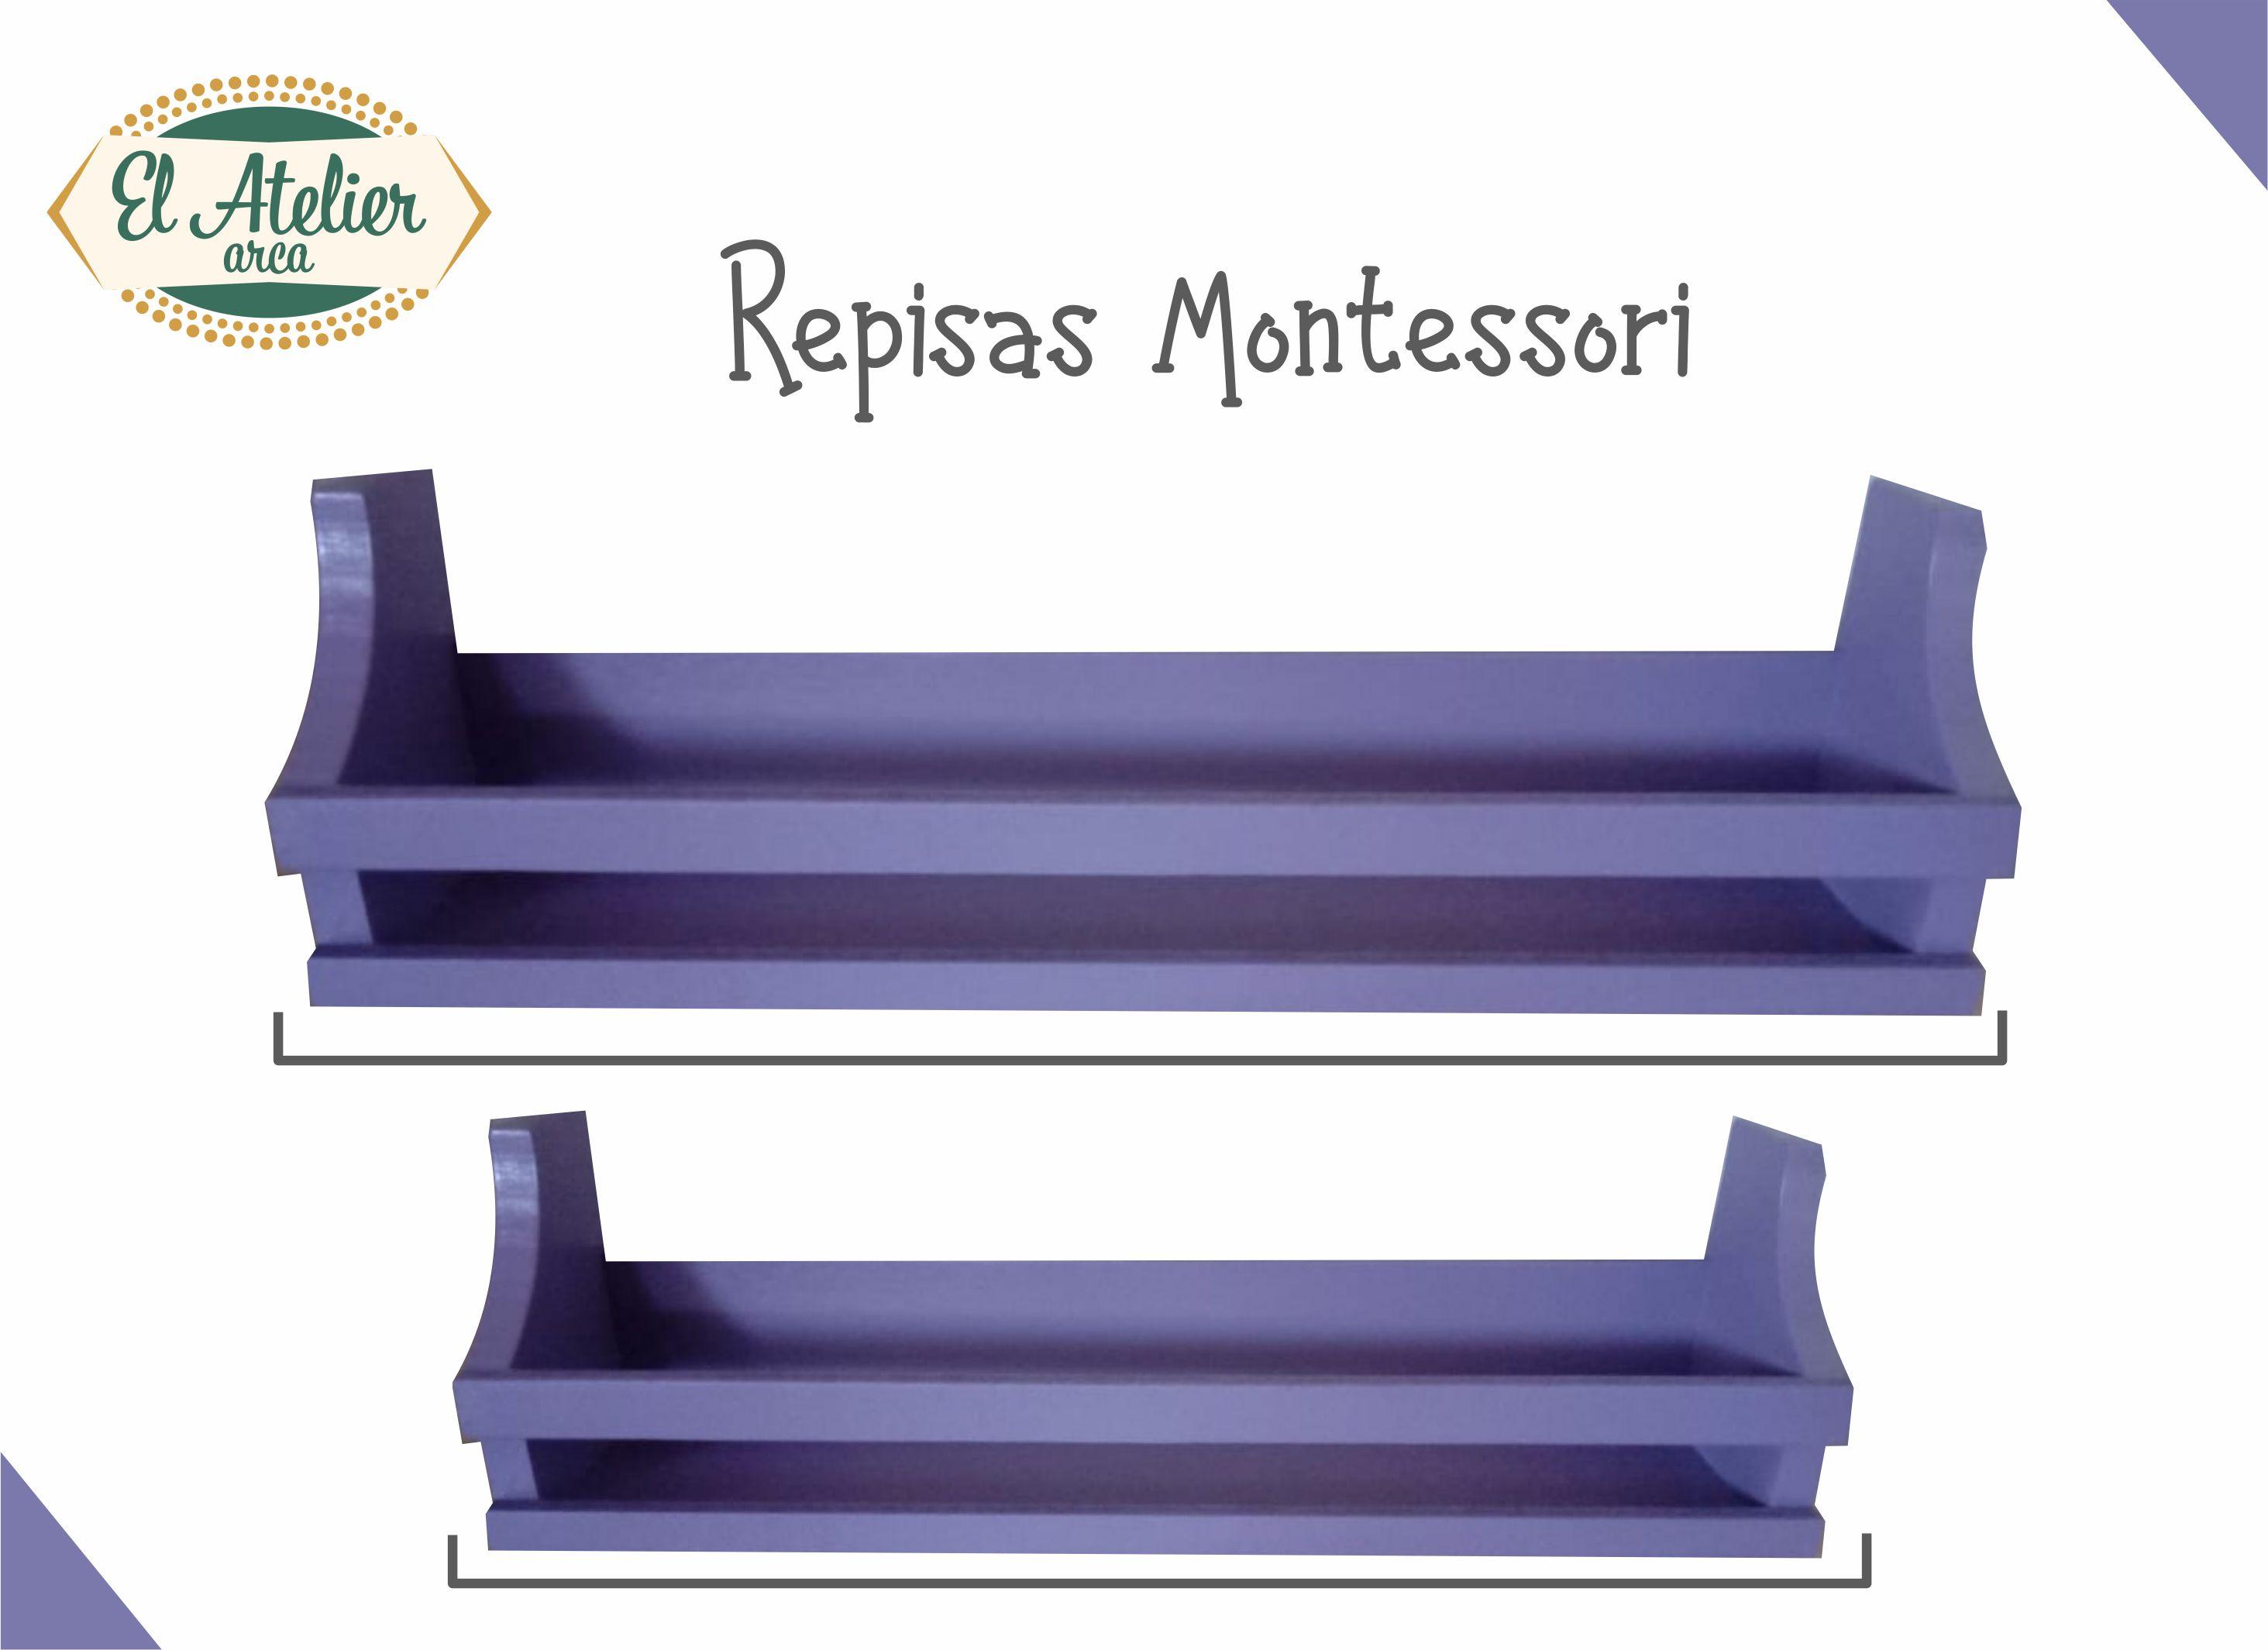 #repisasmontessori